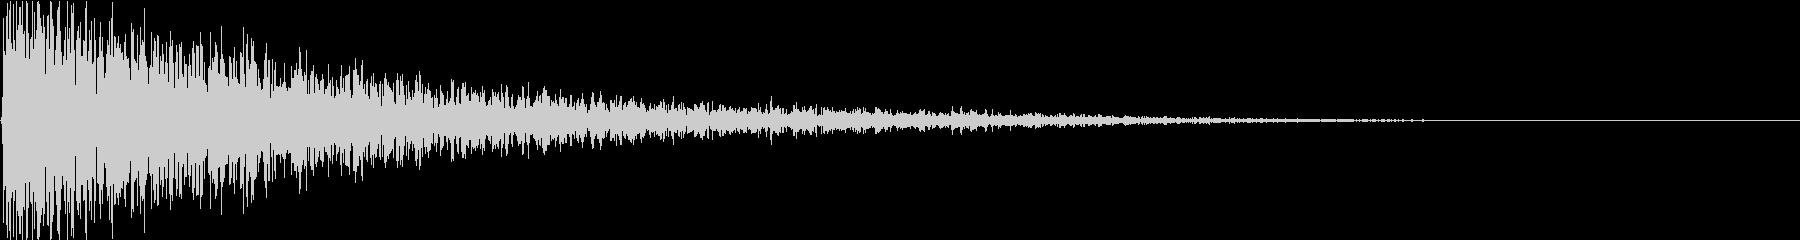 インパクトのある音02の未再生の波形